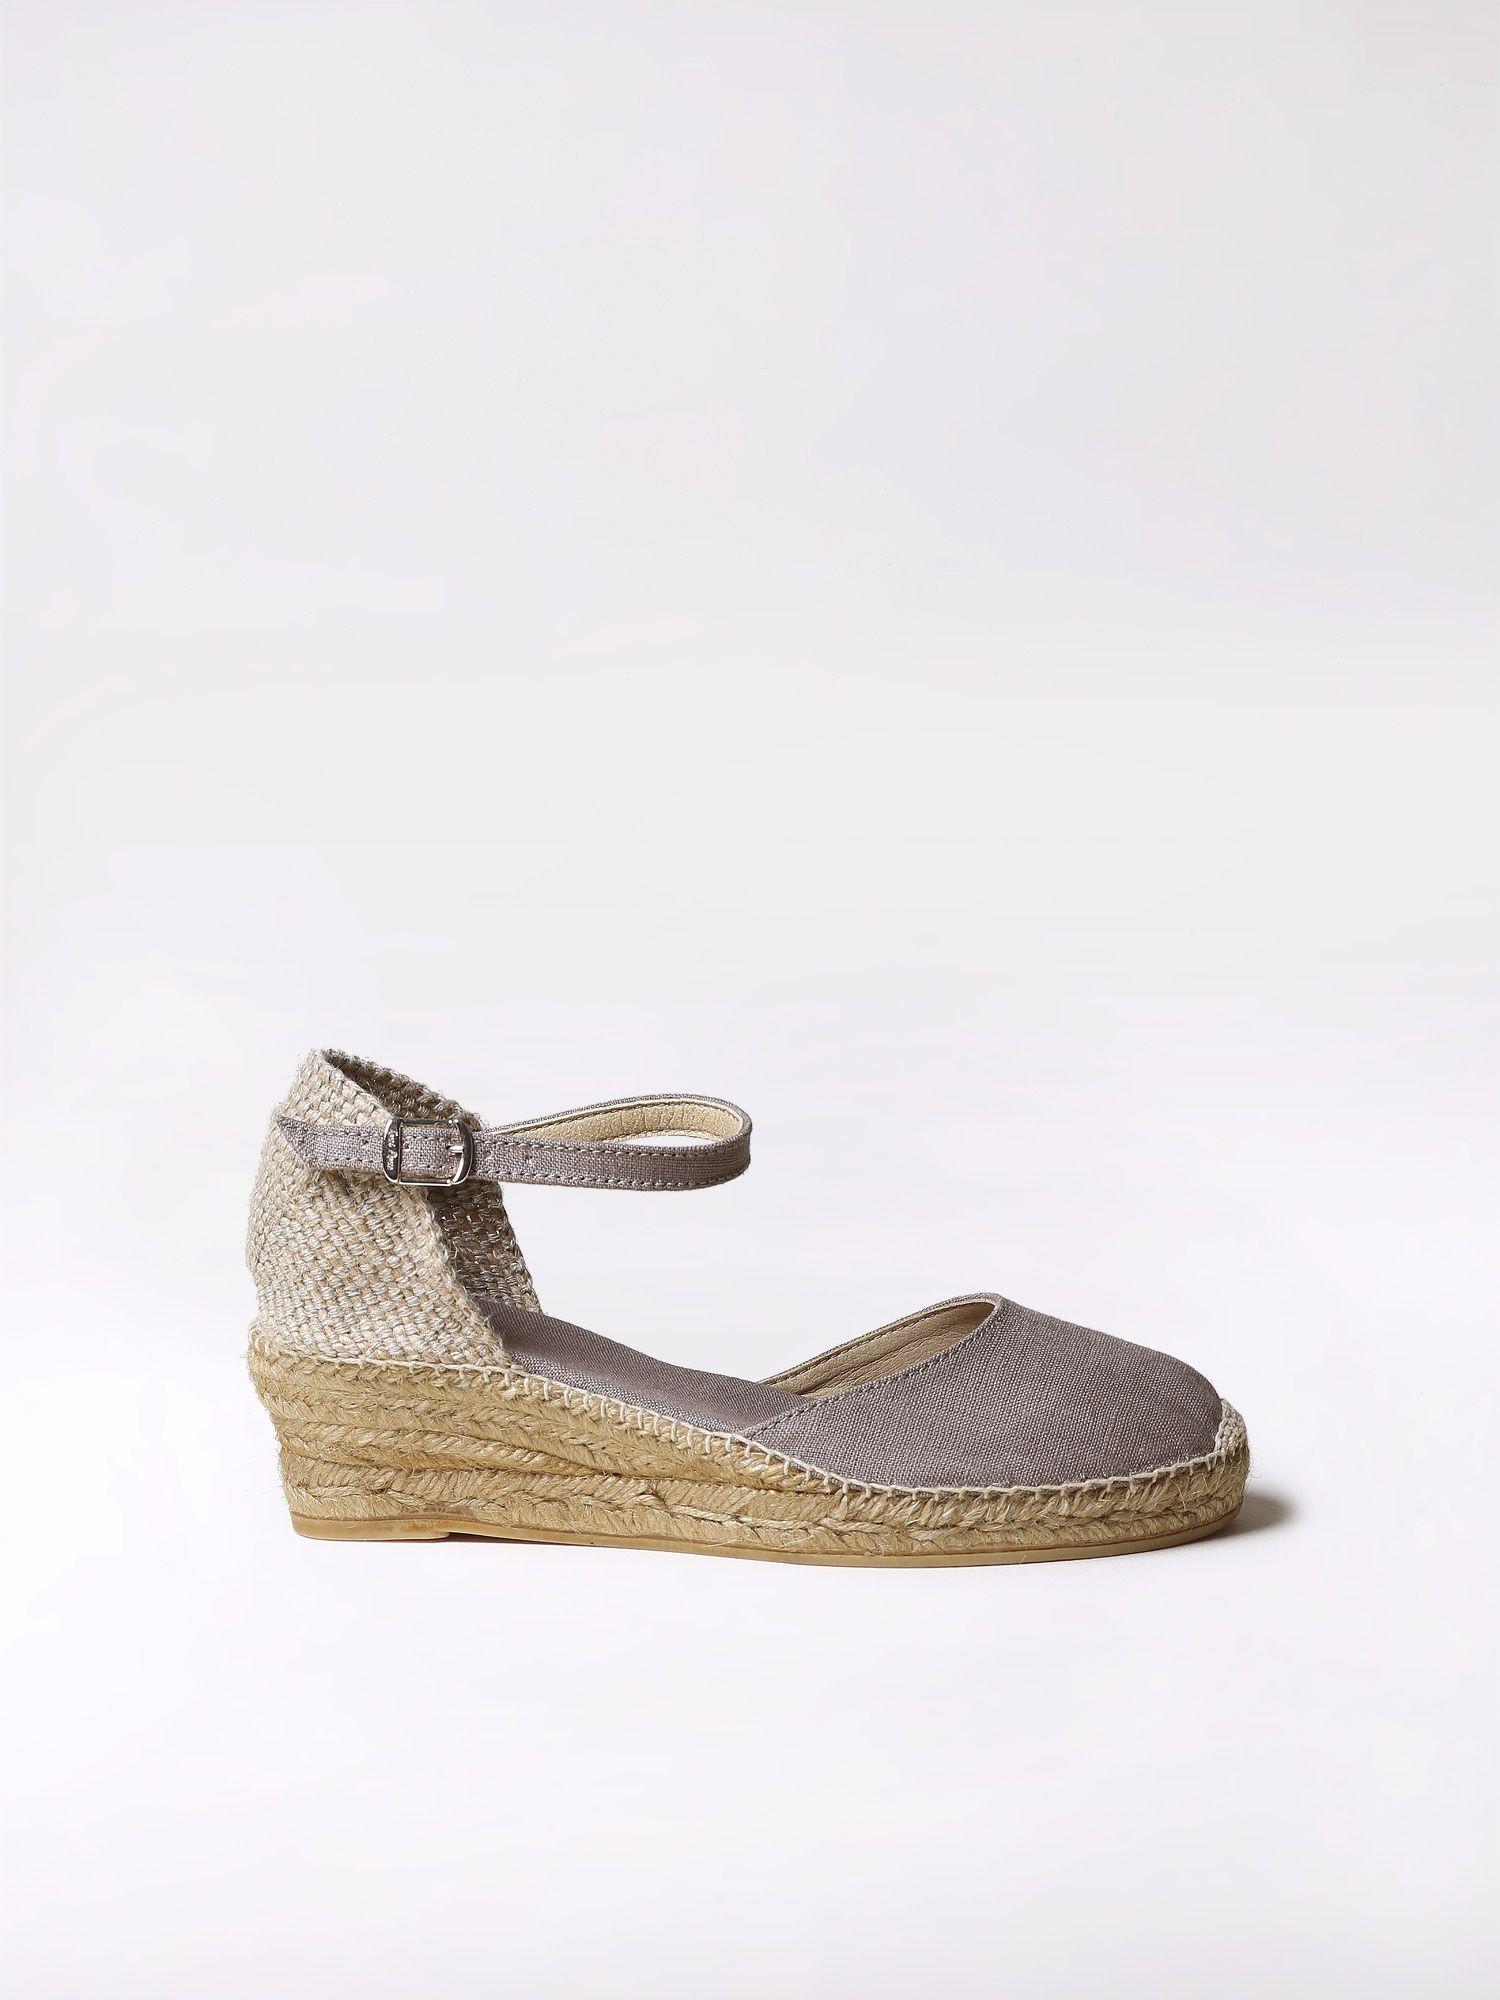 Low heel espadrille - ROMINA